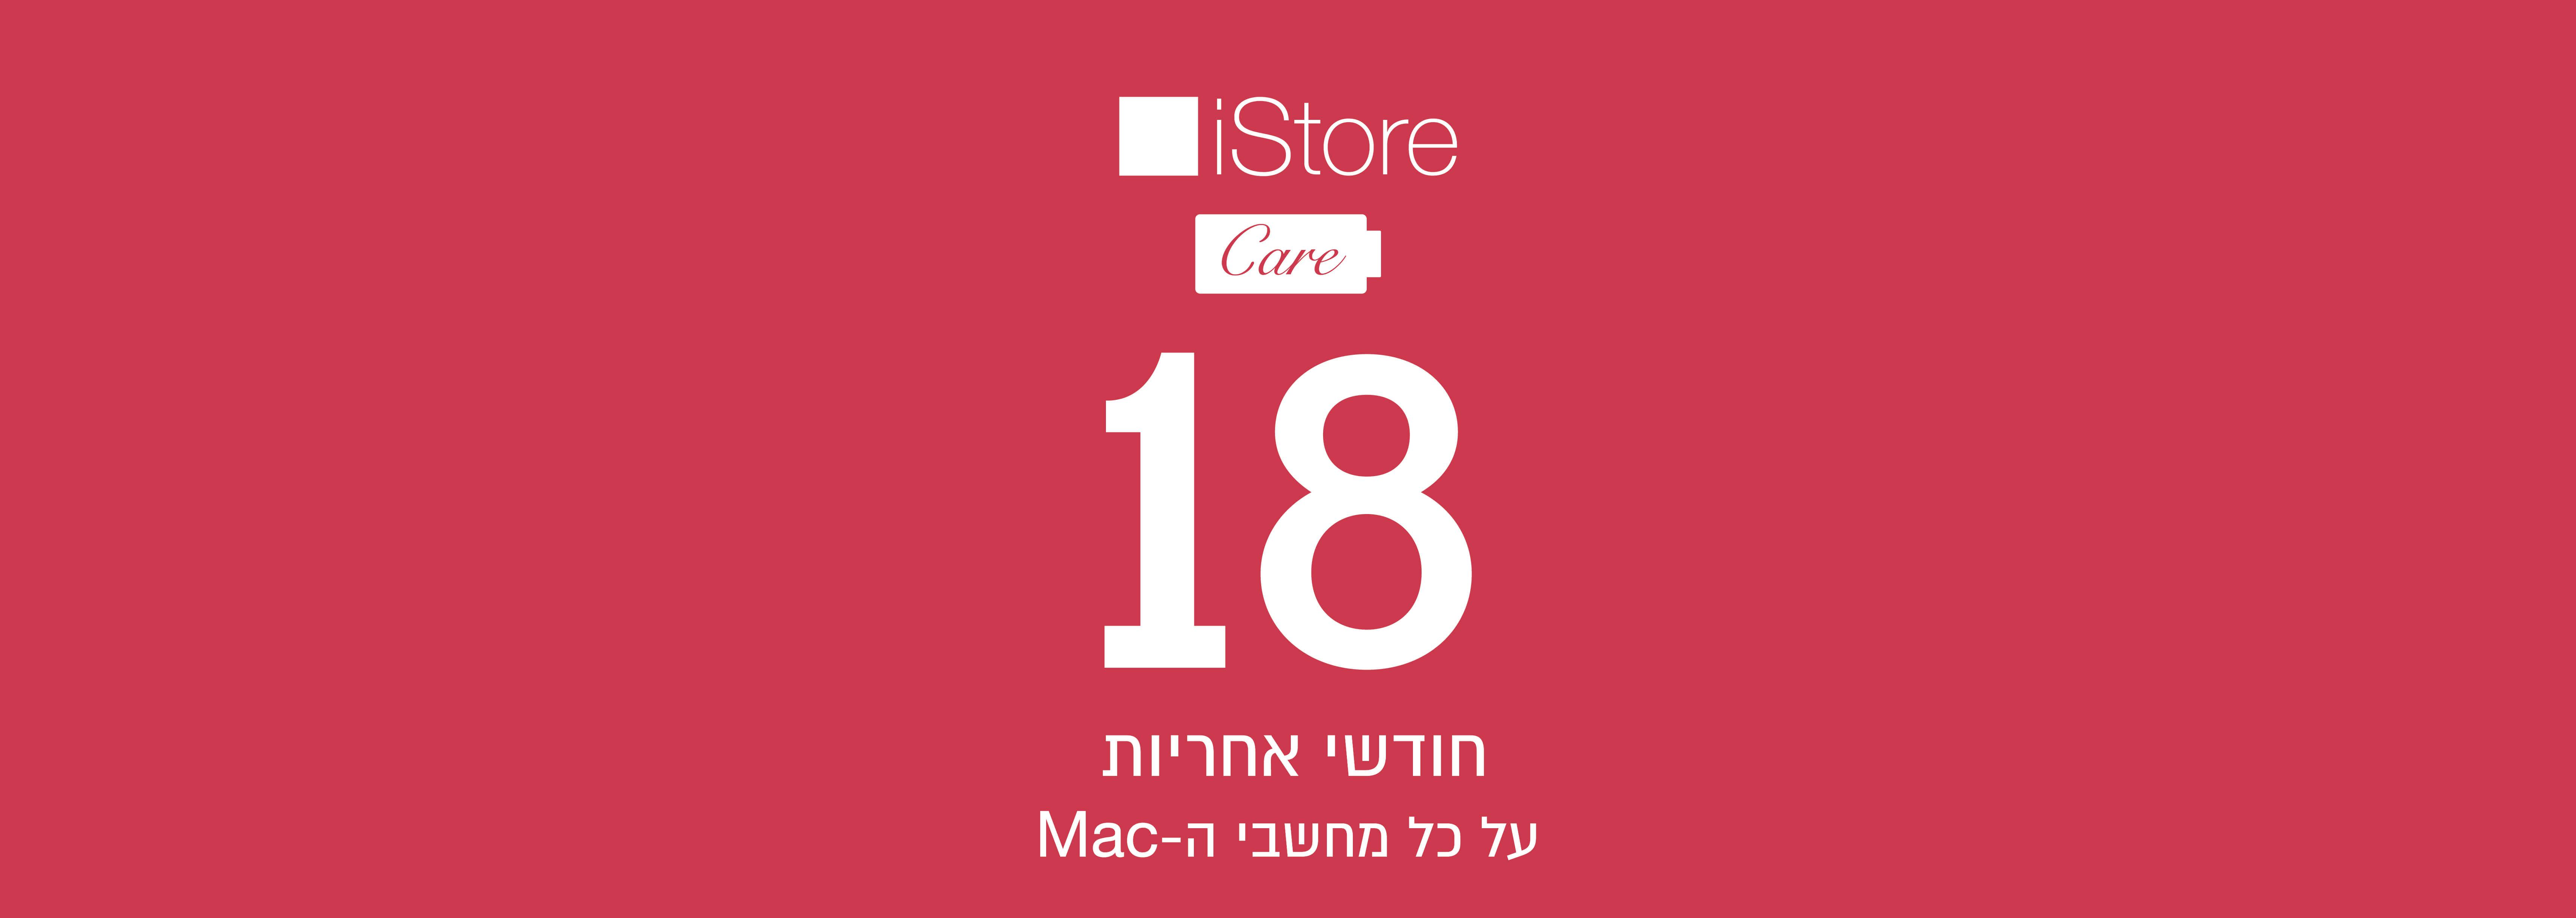 18 insure